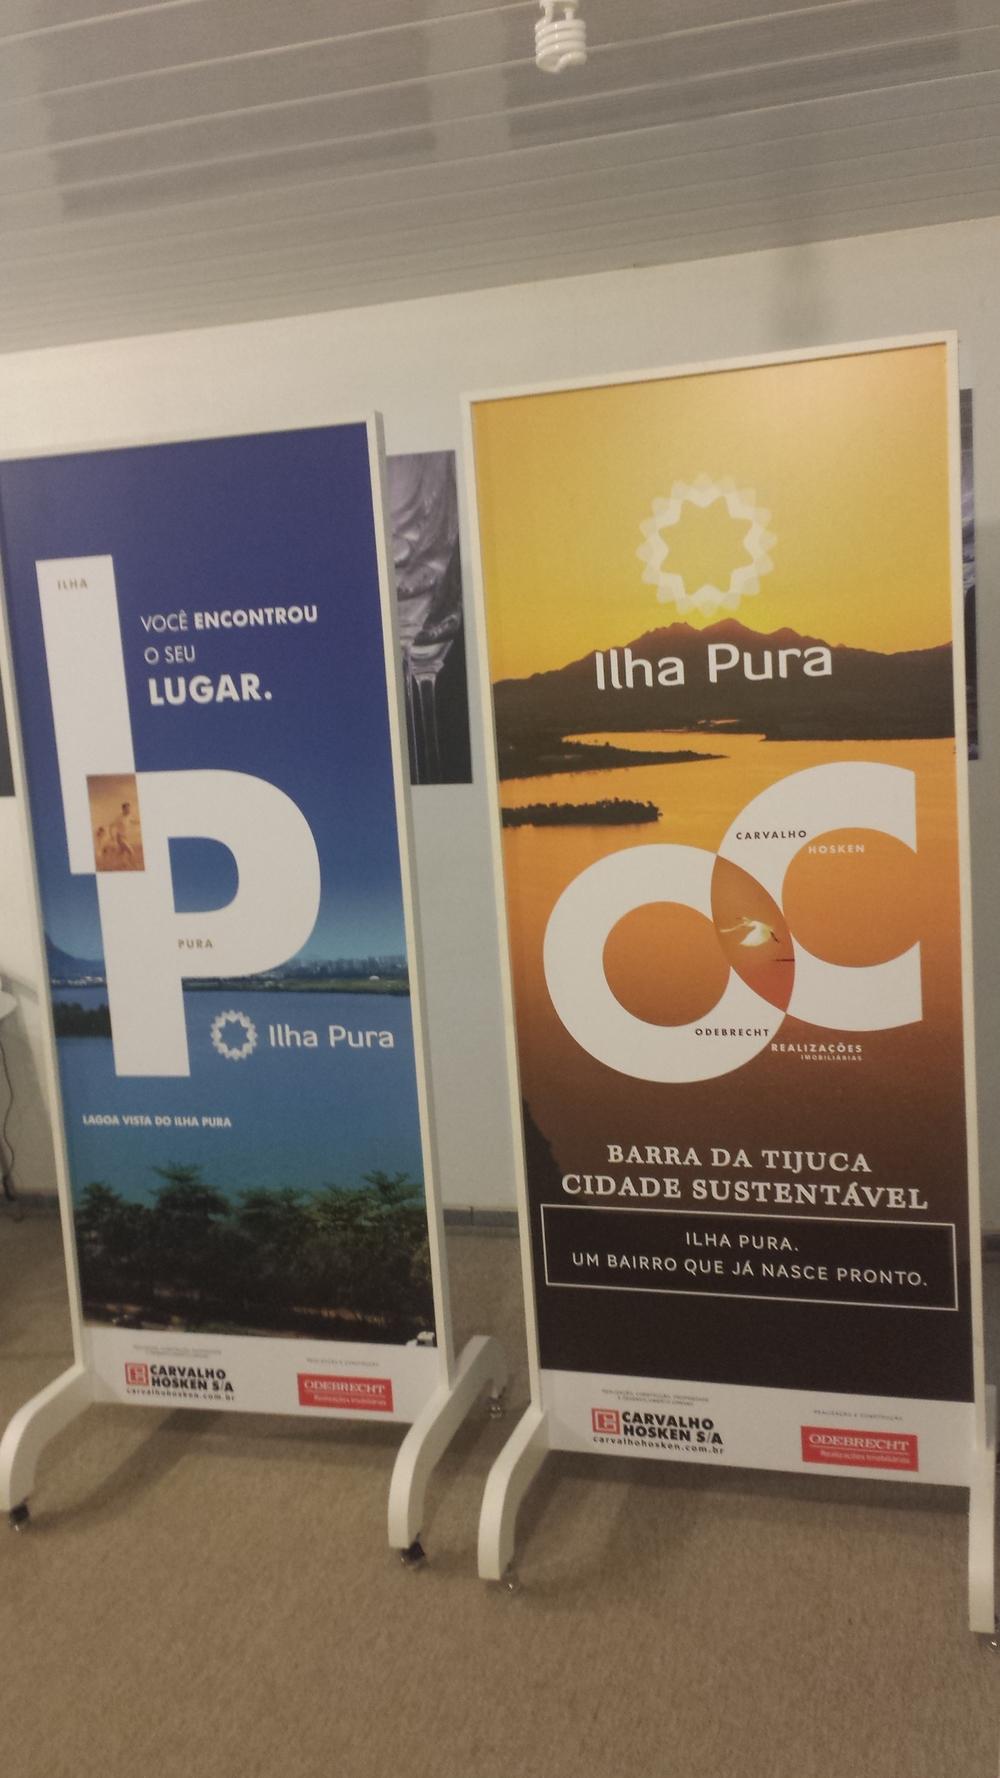 Incorporadora : Odebrecht e Carvalho Hosken | Empreendimento : Ilha Pura